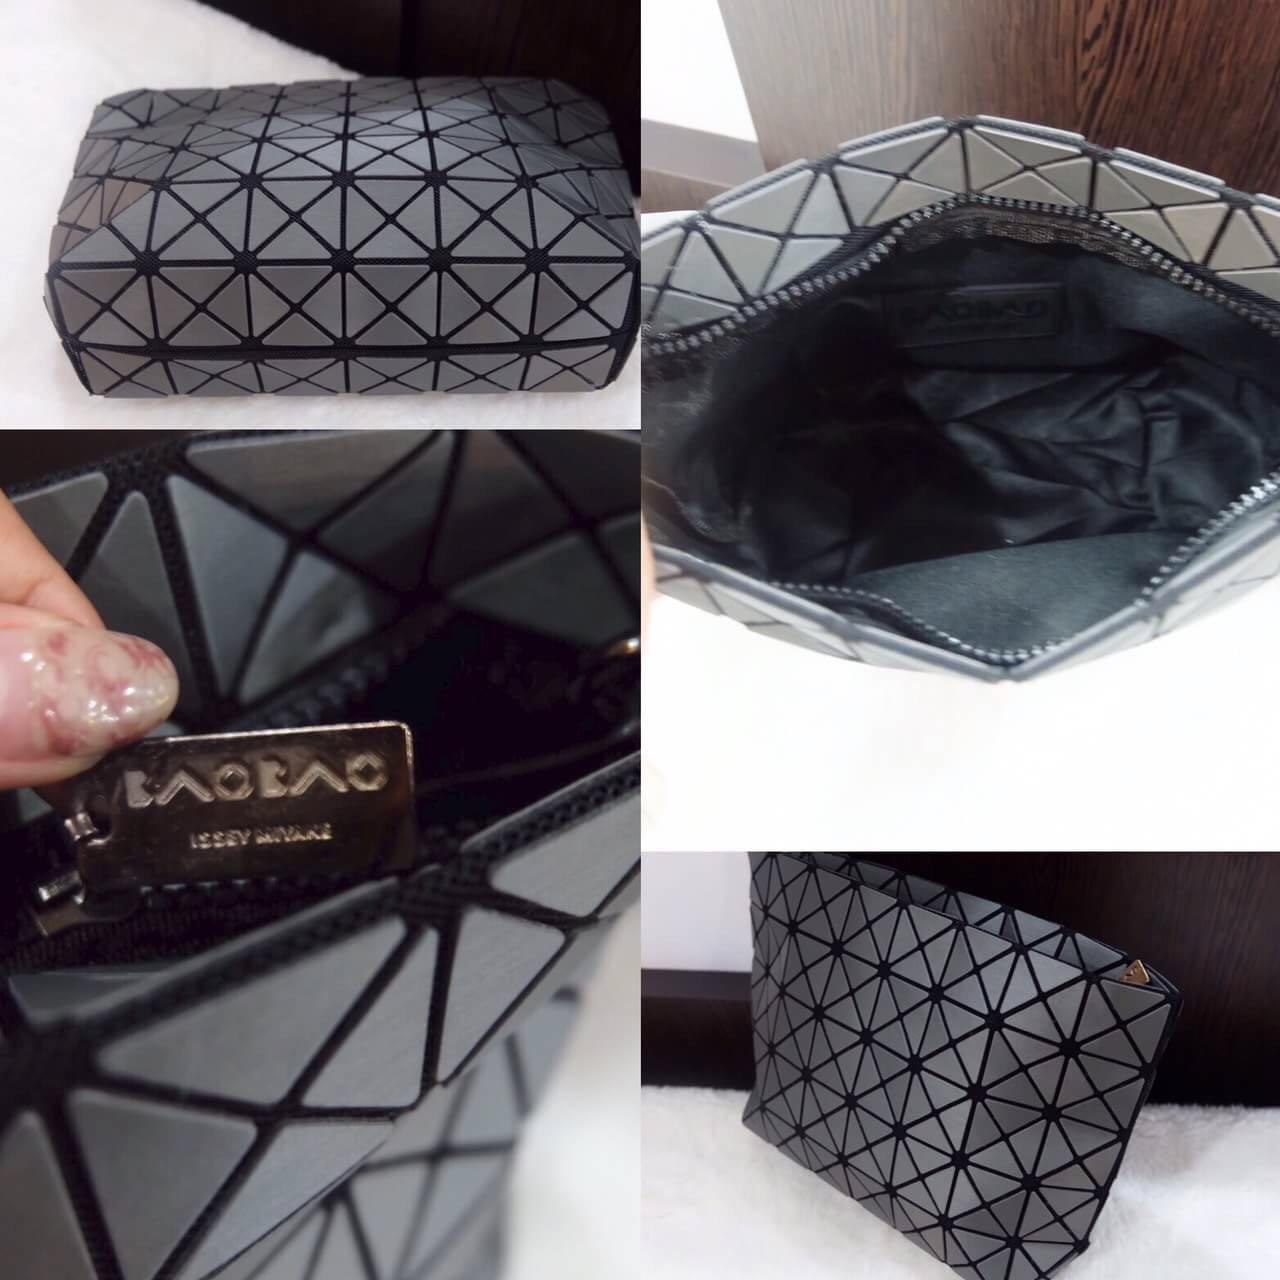 Sling bag tokopedia -  Bao Bao Issey Miyake Sling Bag New